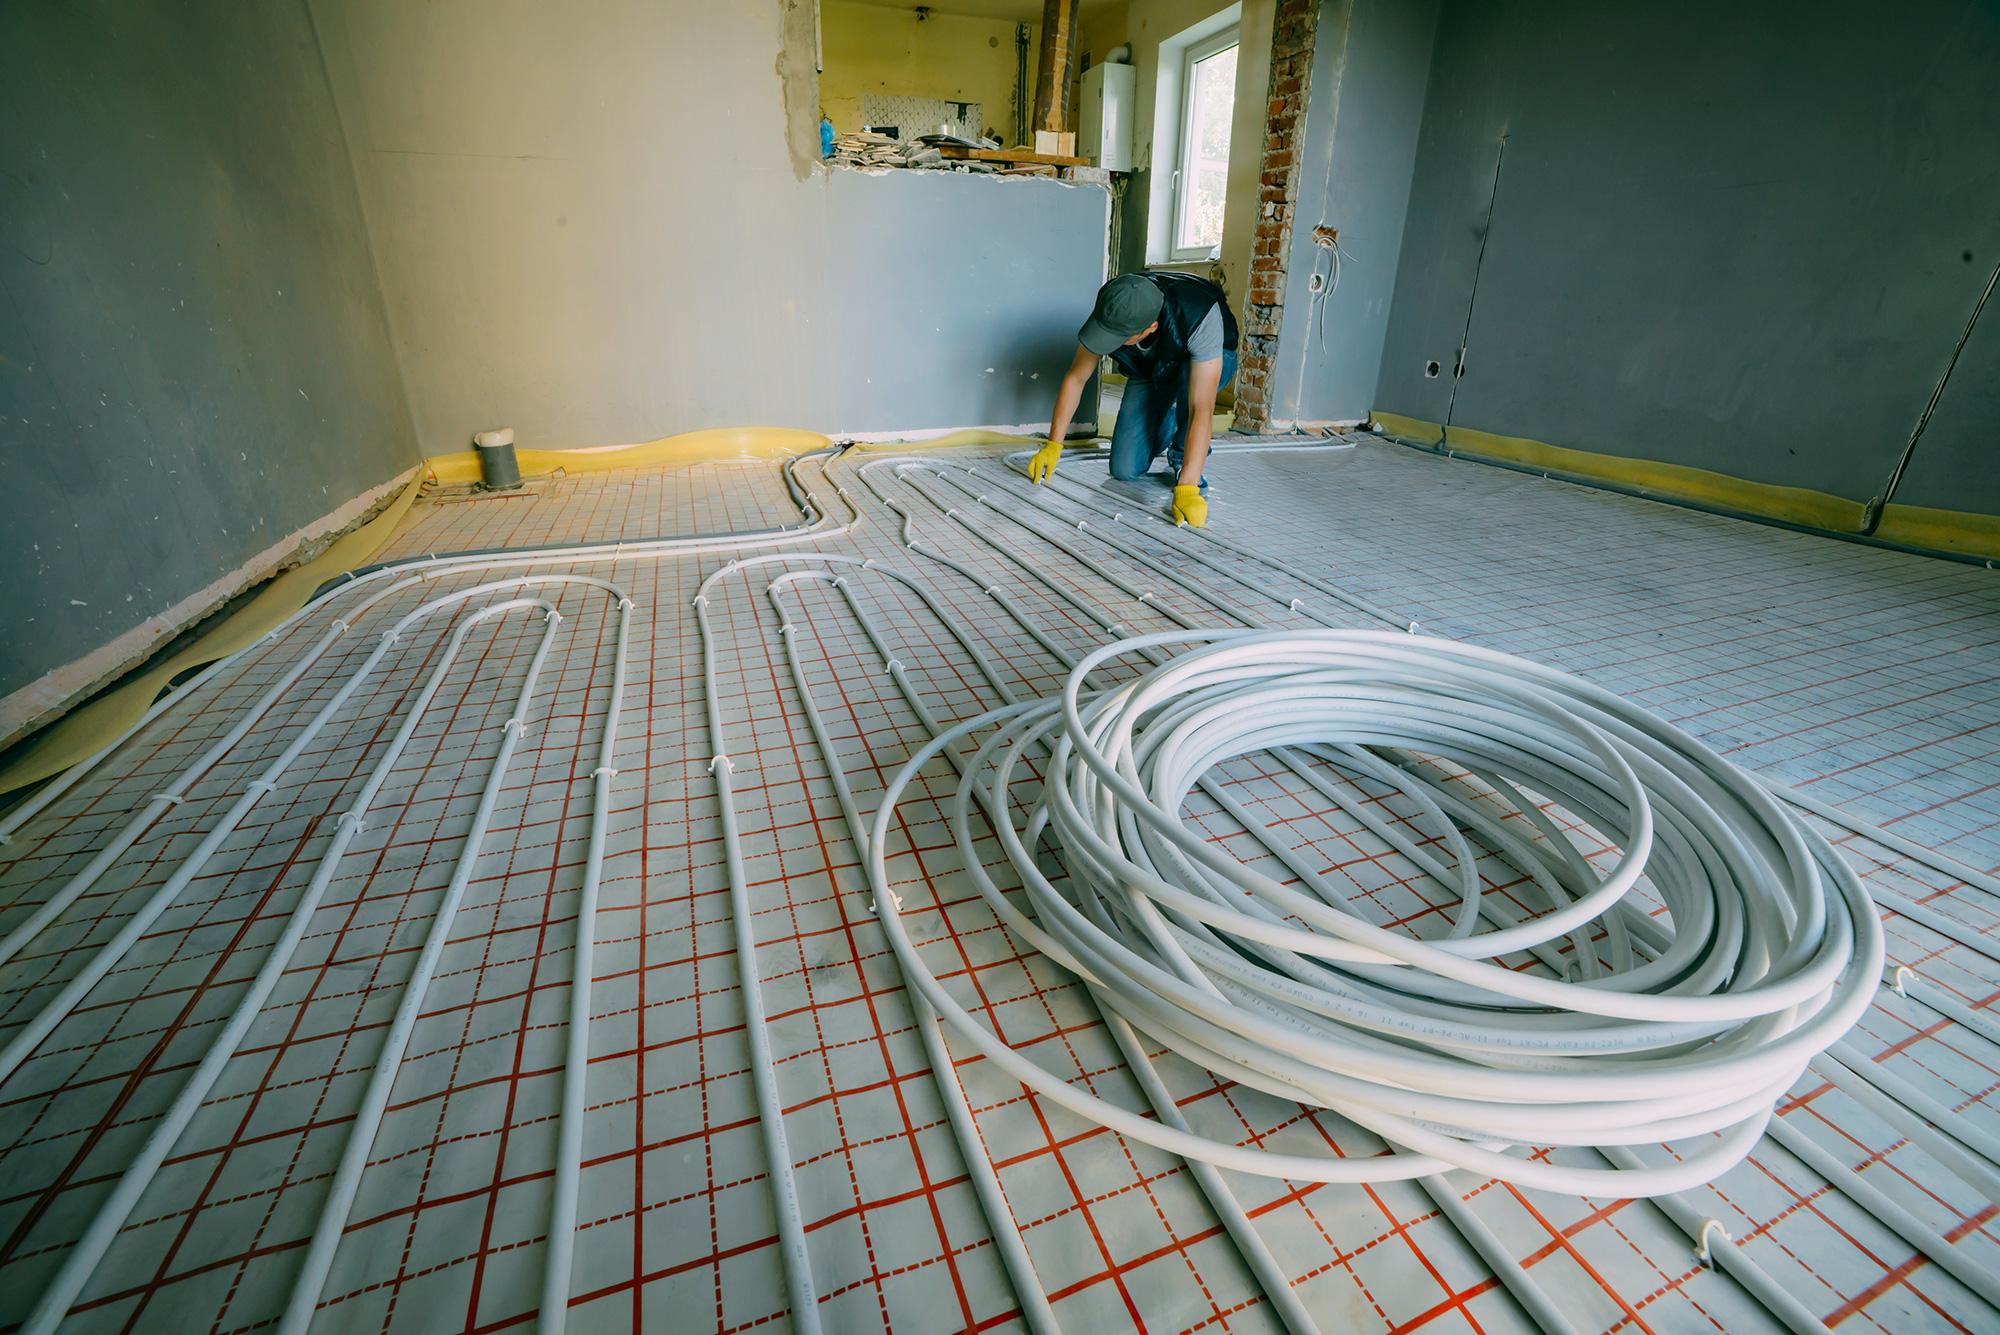 Henry Sanitär & Heizung - Fußbodenheizung